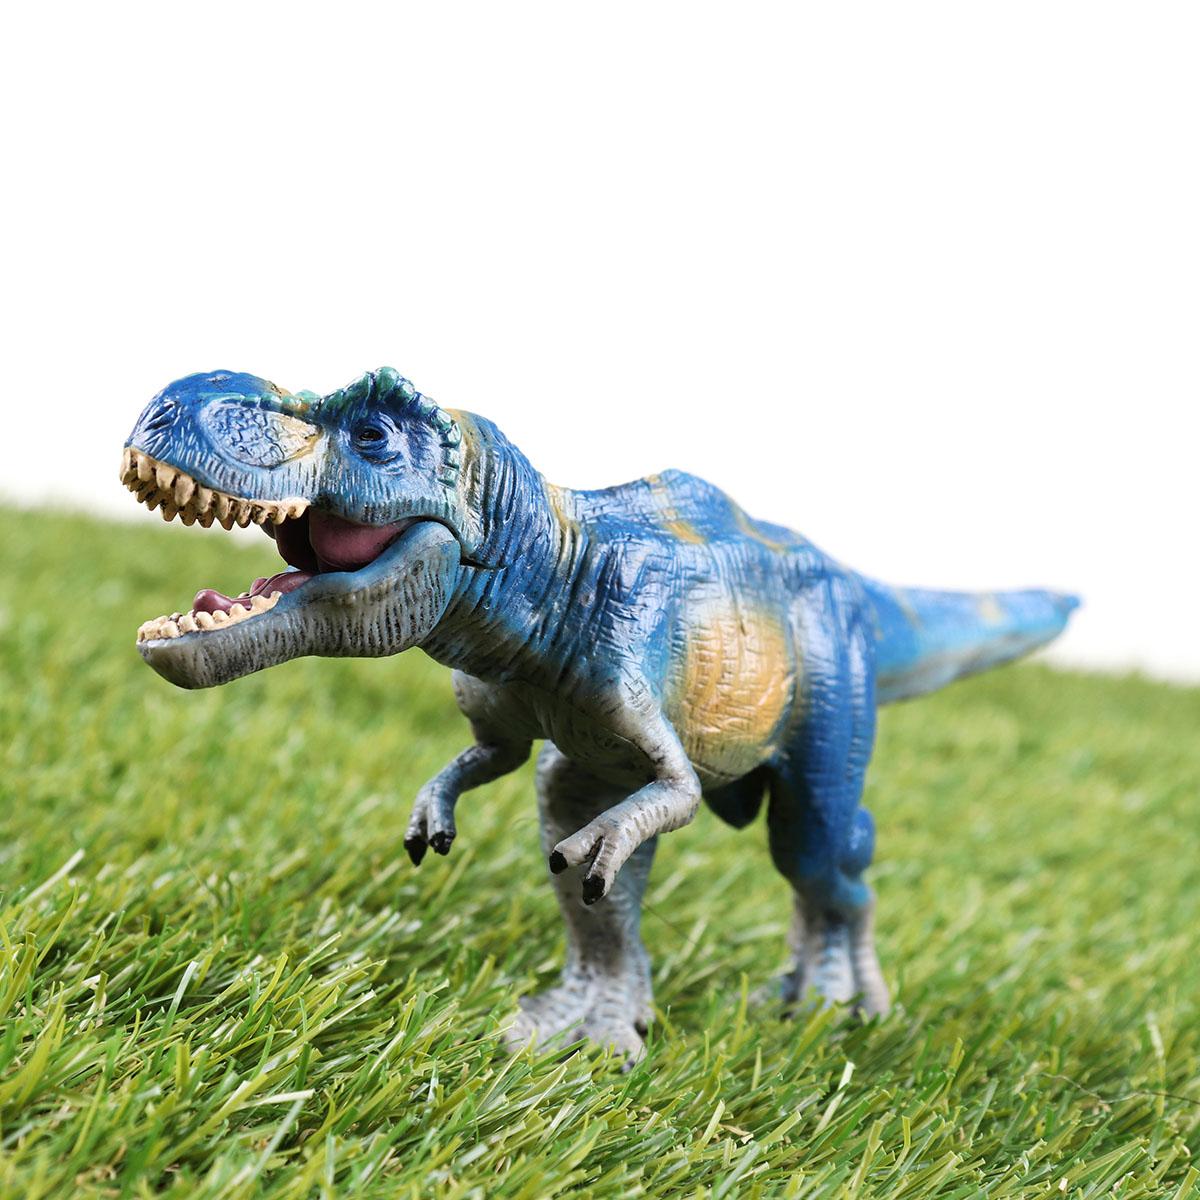 Юрский T-Rex Tyrannosaurus Rex Игрушка Динозавра Литья Под Давлением Модель Коллекционера Декор Детский Подарок